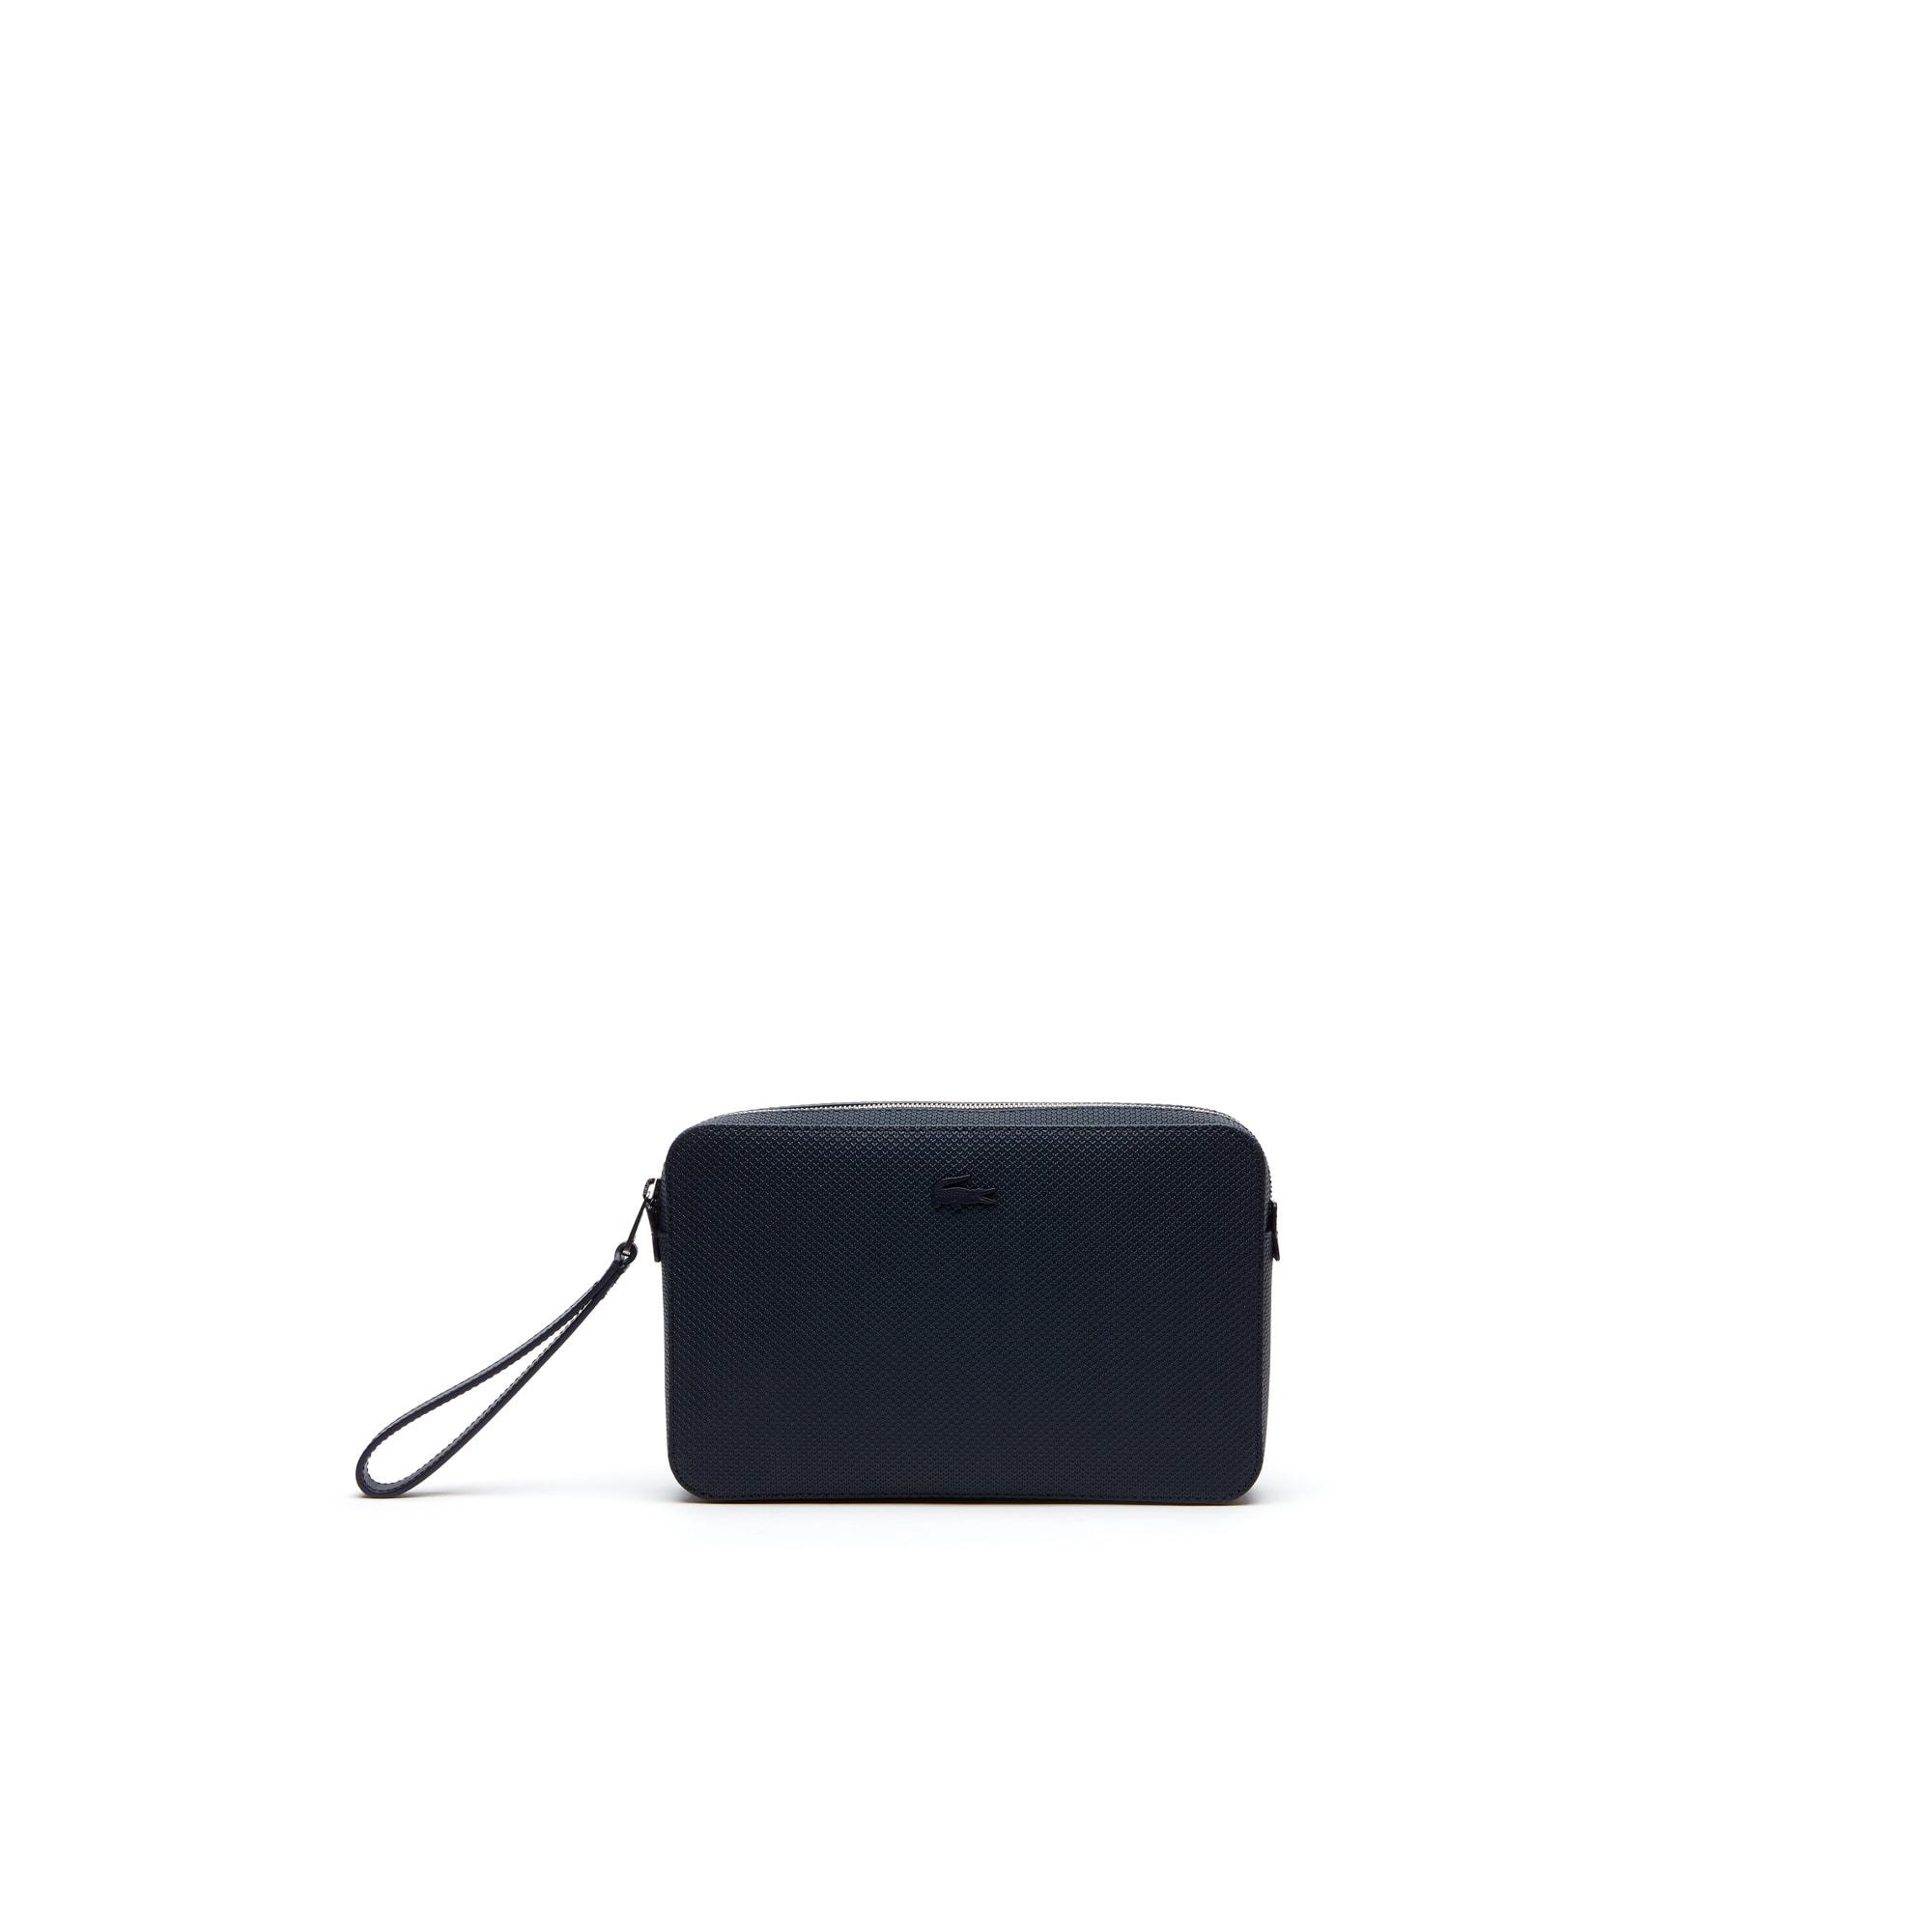 محفظة صغيرة رجّالية مع سحّاب من الجلد